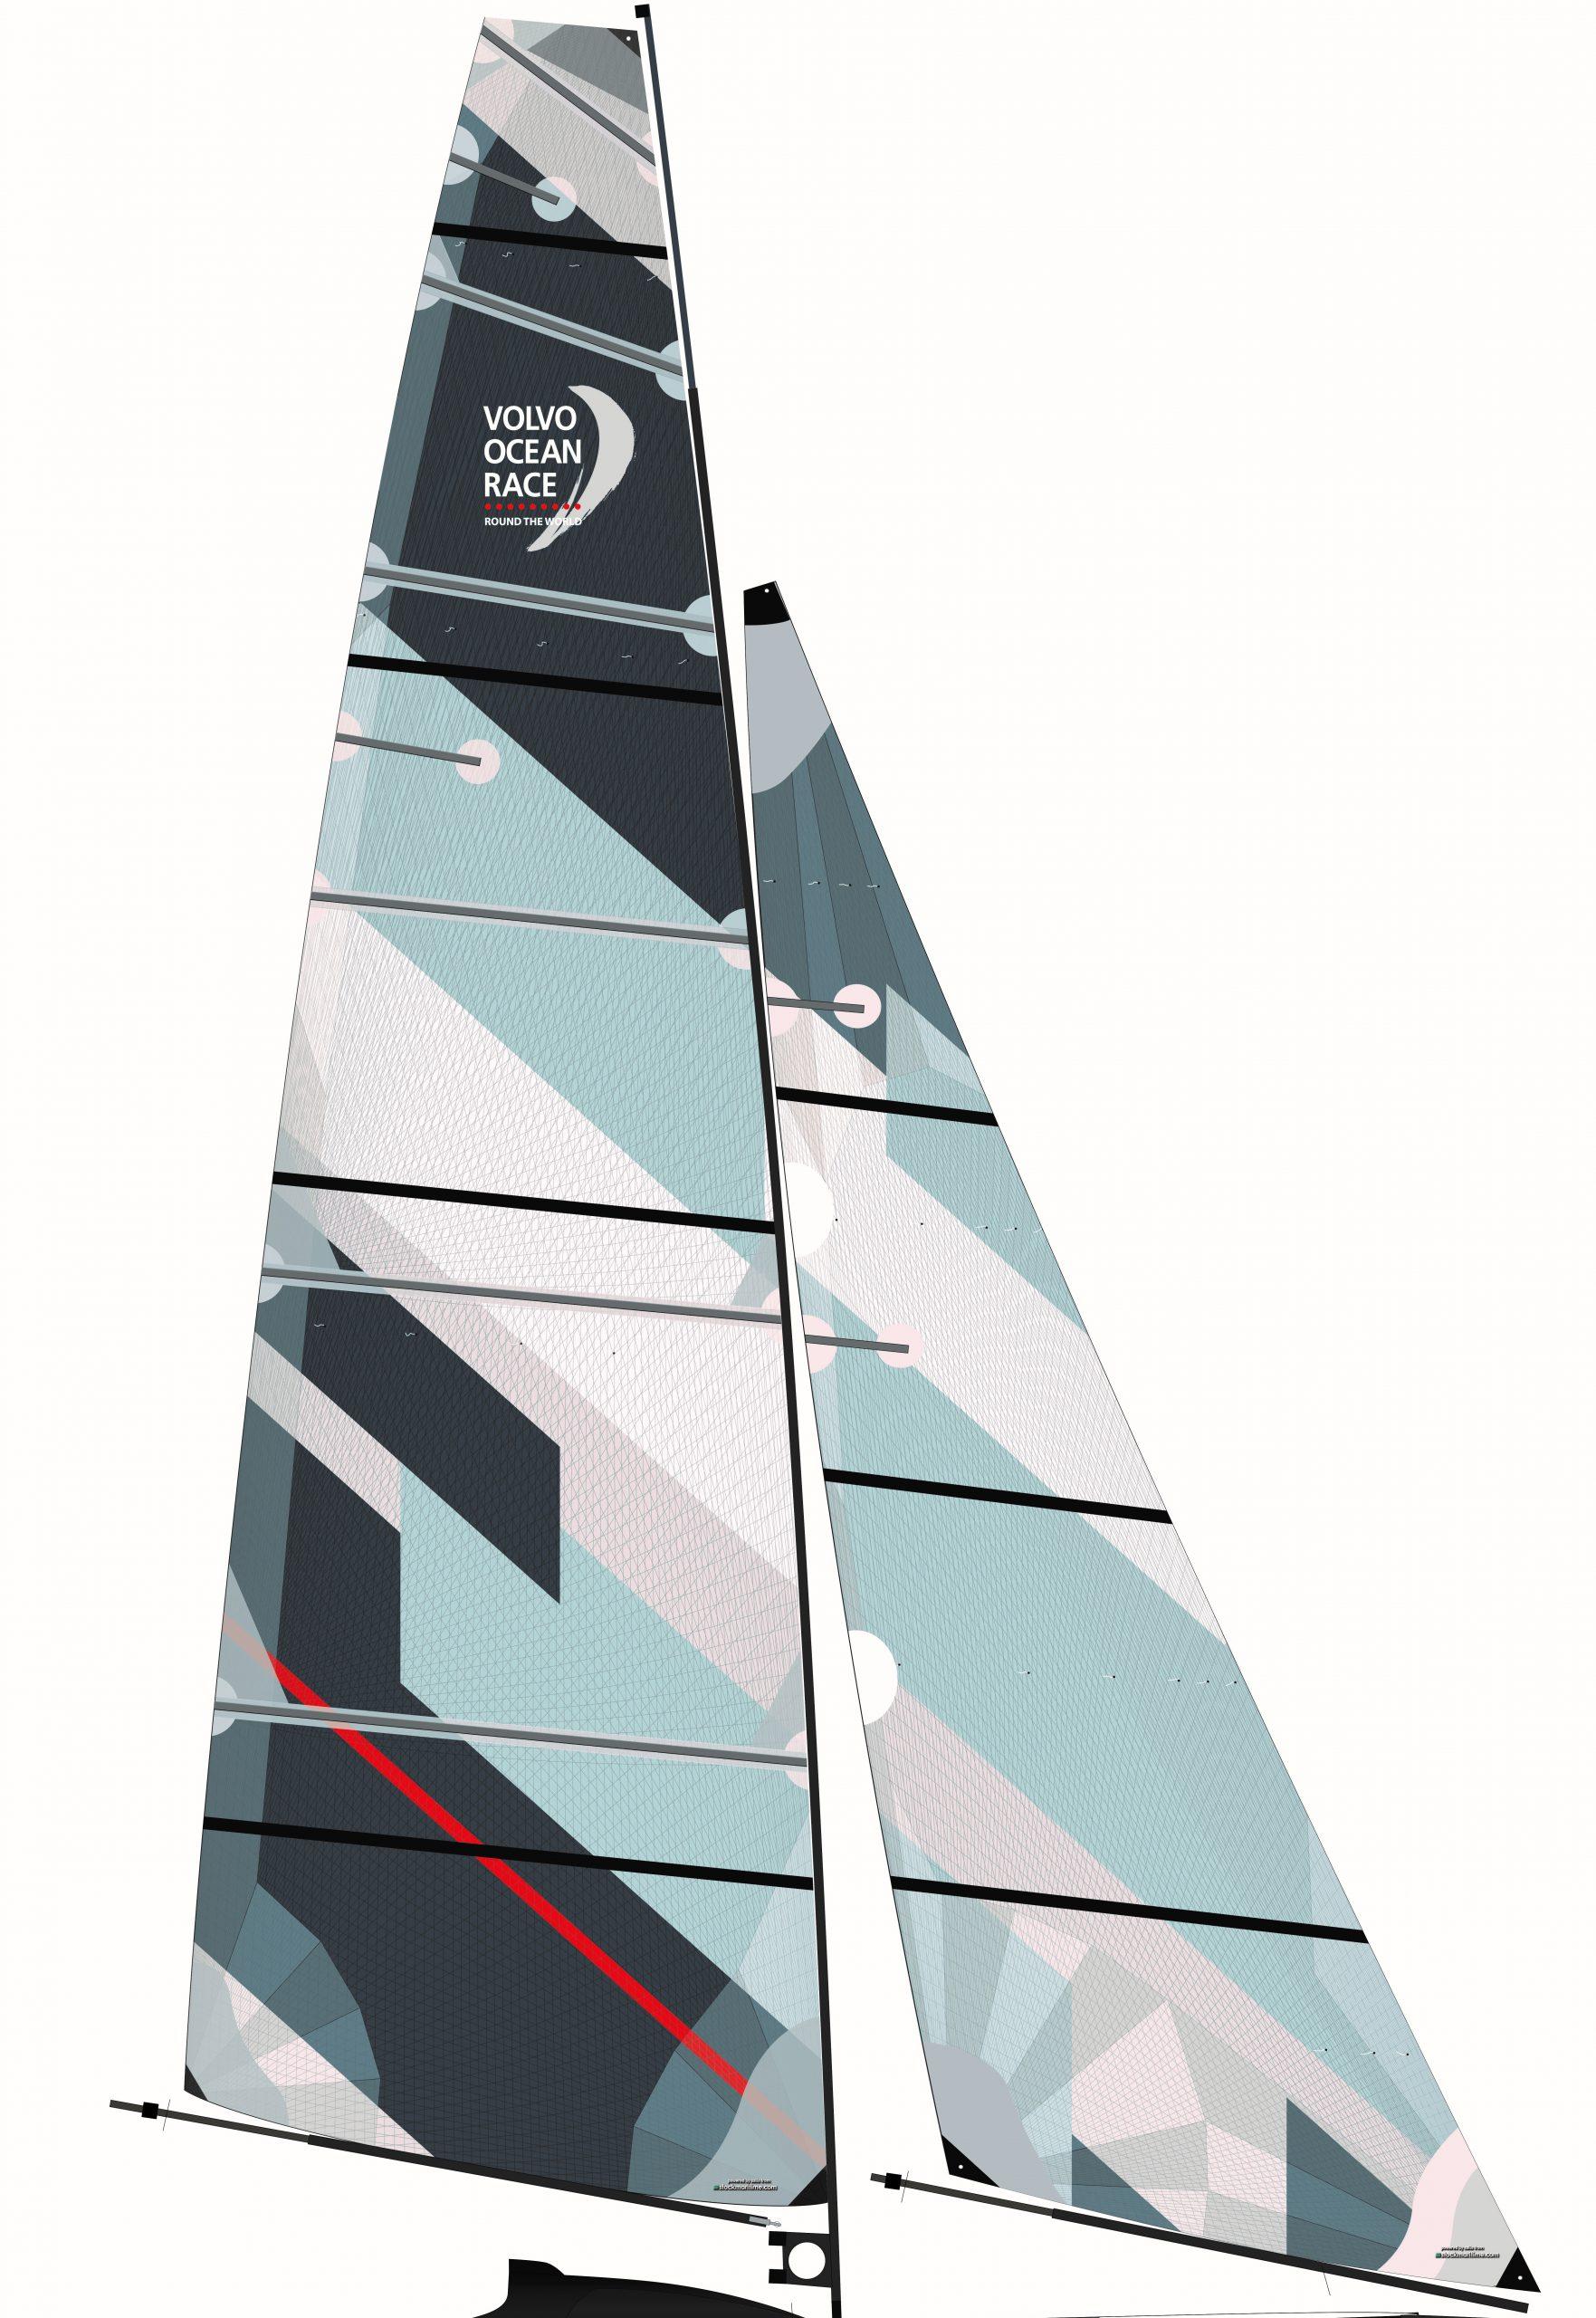 VO65 Design